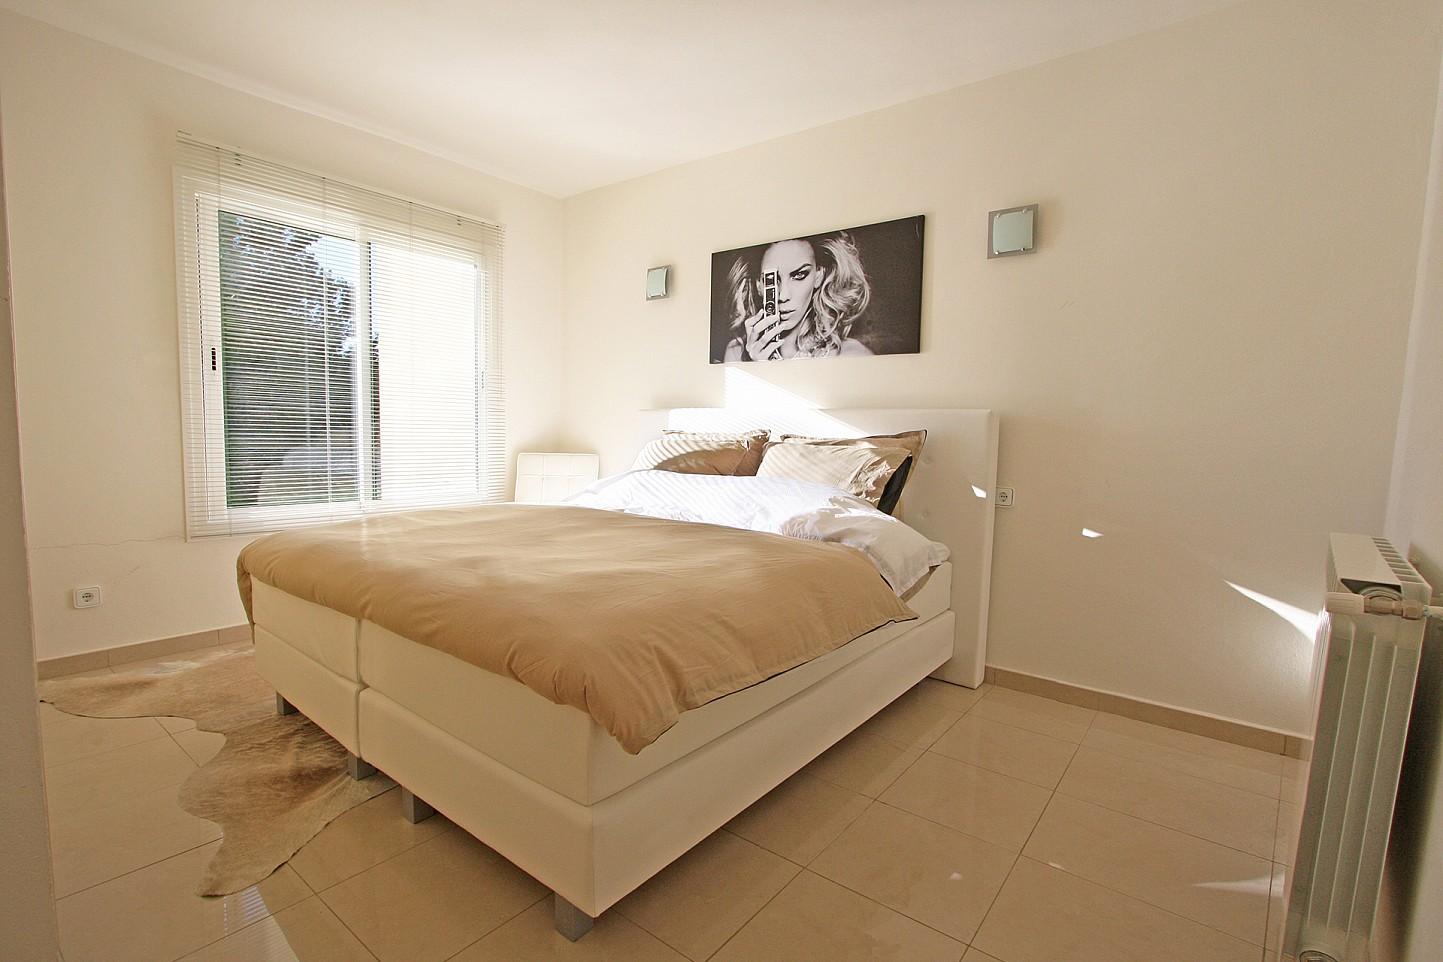 Шикарная спальня дома в аренду в Марина Ботафок